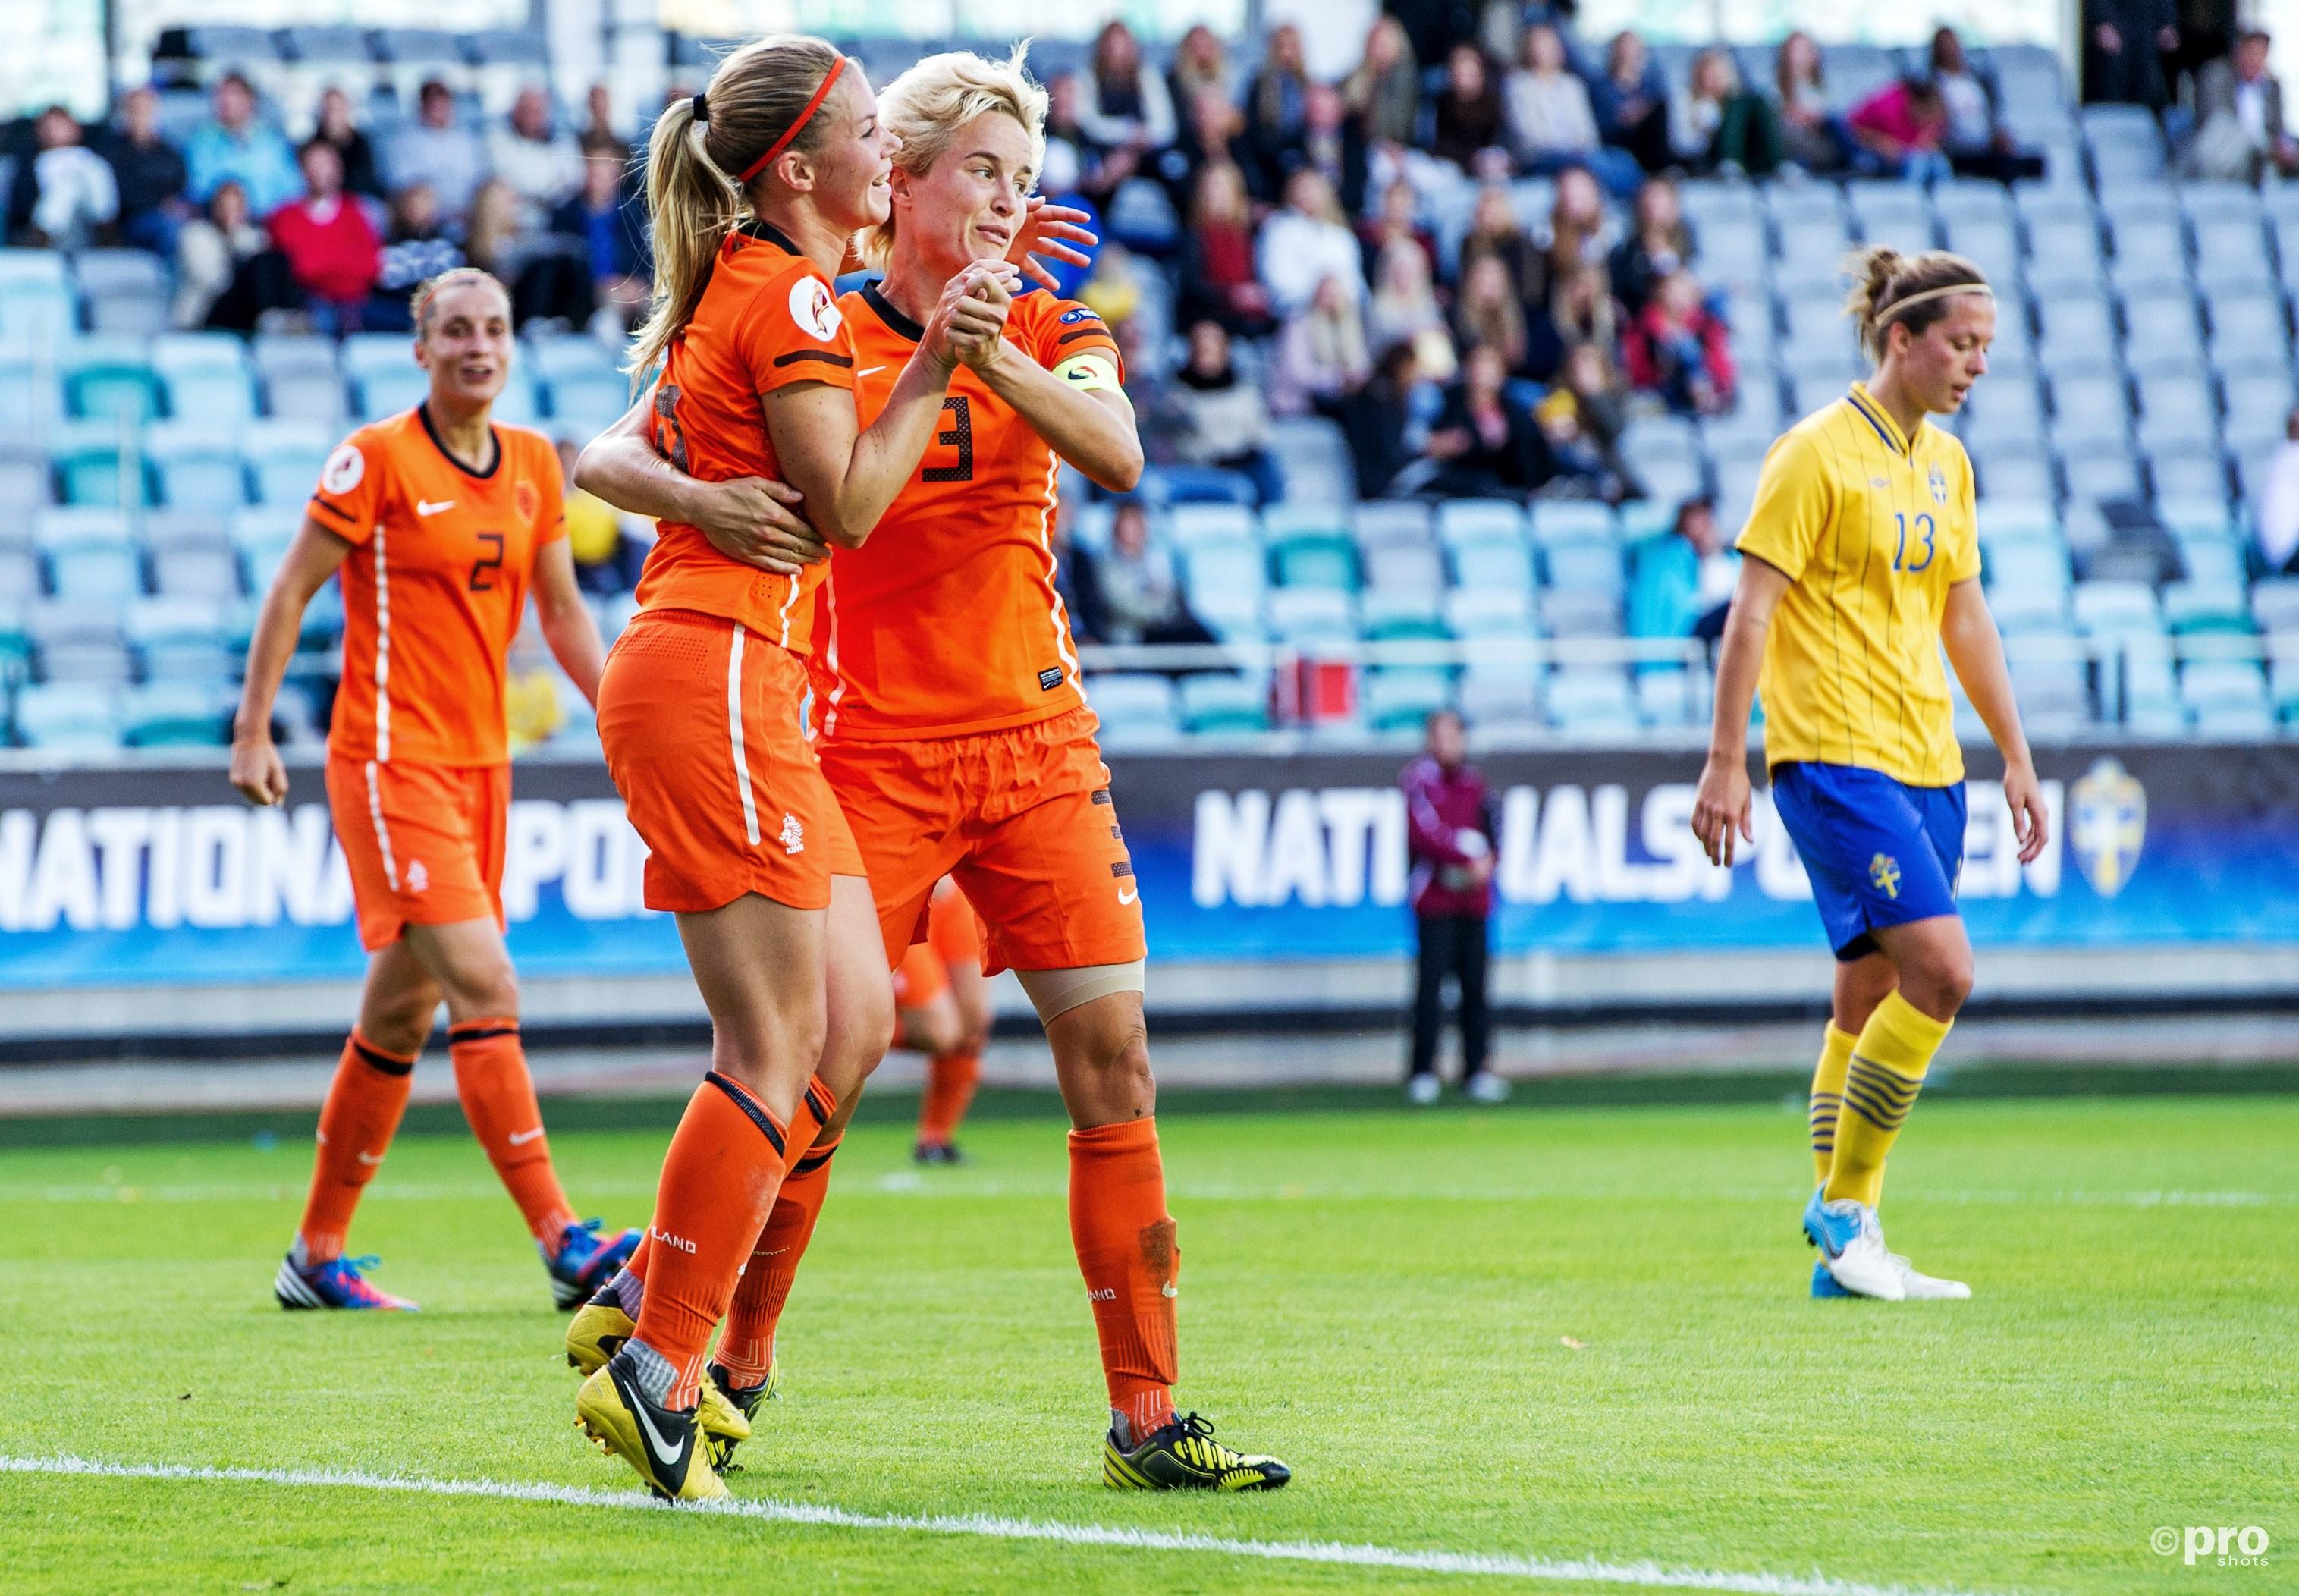 Koster en Hoogendijk vieren een treffer tijdens een oefenwedstrijd in Zweden. (PRO SHOTS/Bildbyran)